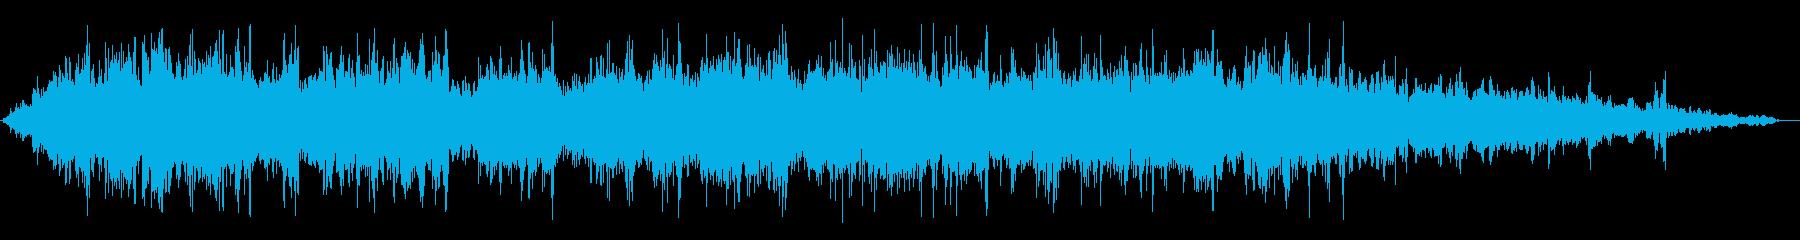 洗面所で水を流している音の再生済みの波形